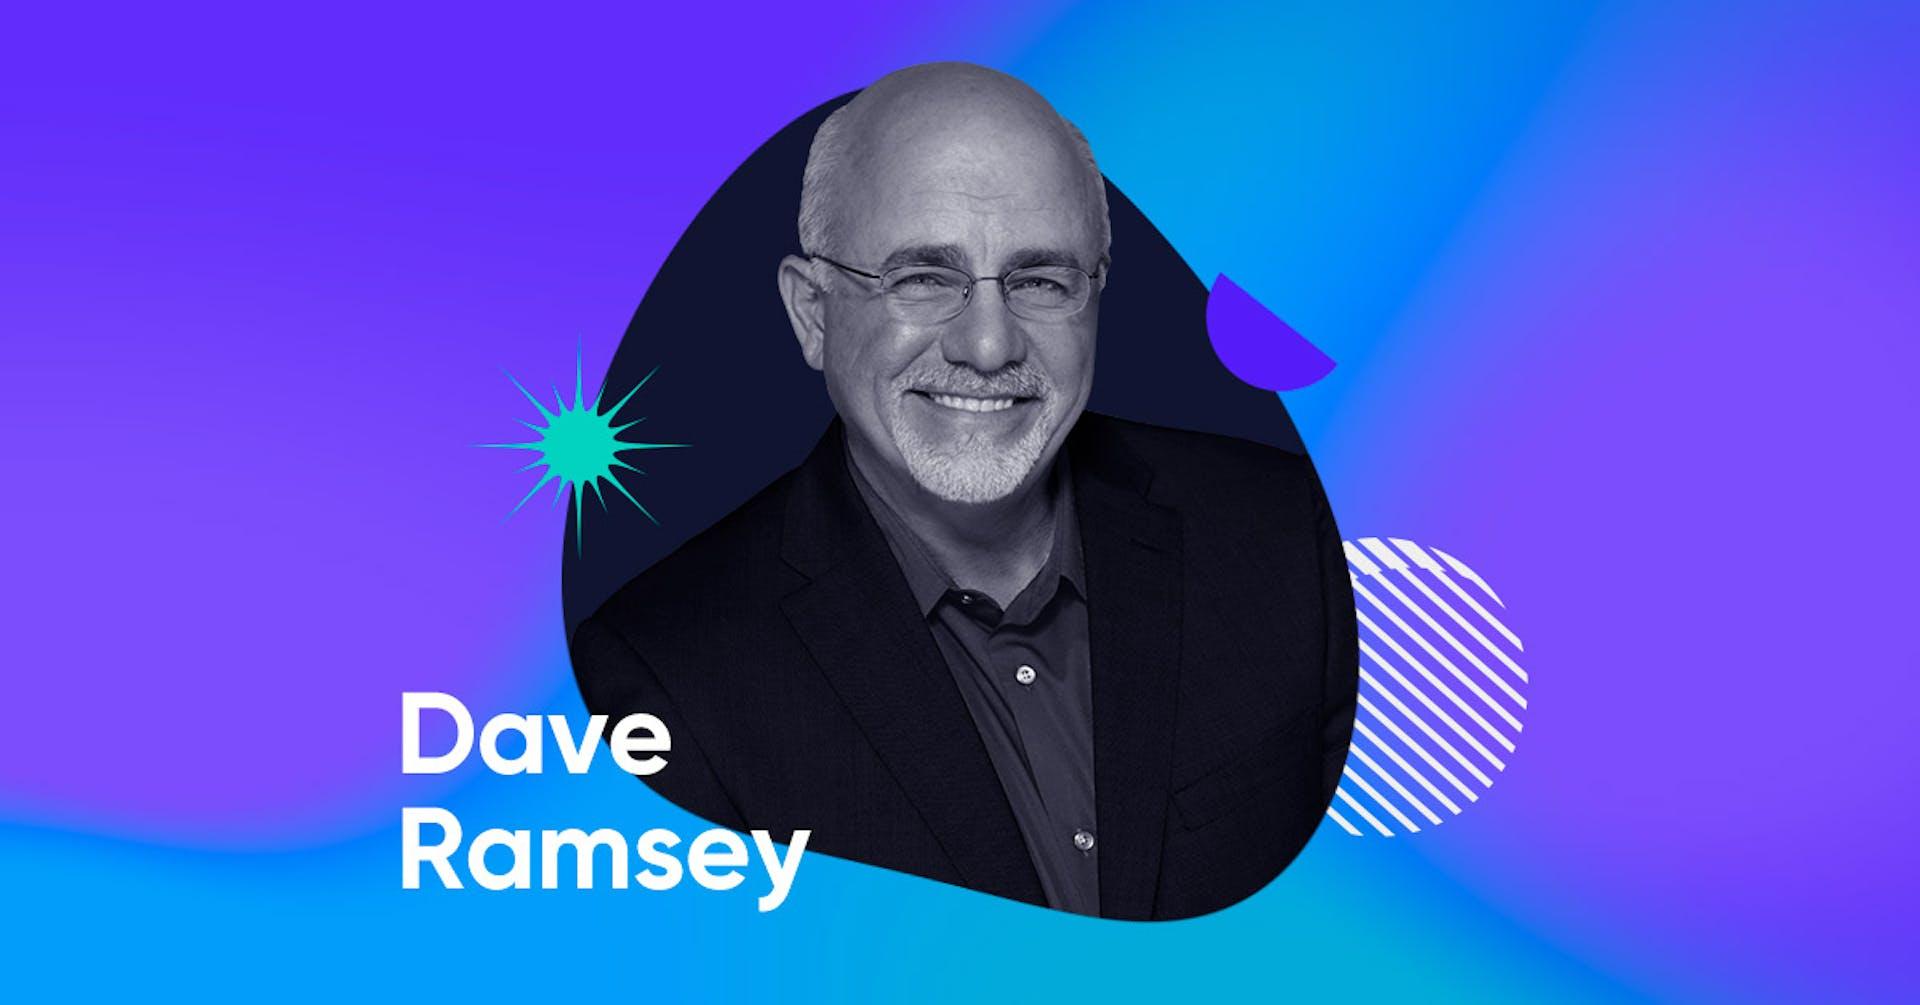 Descubre quién es Dave Ramsey y libérate de problemas financieros